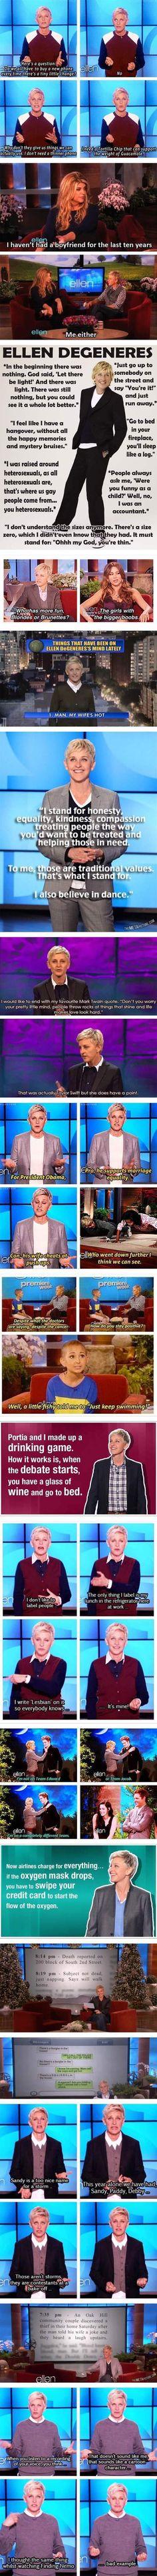 i lovee Ellen